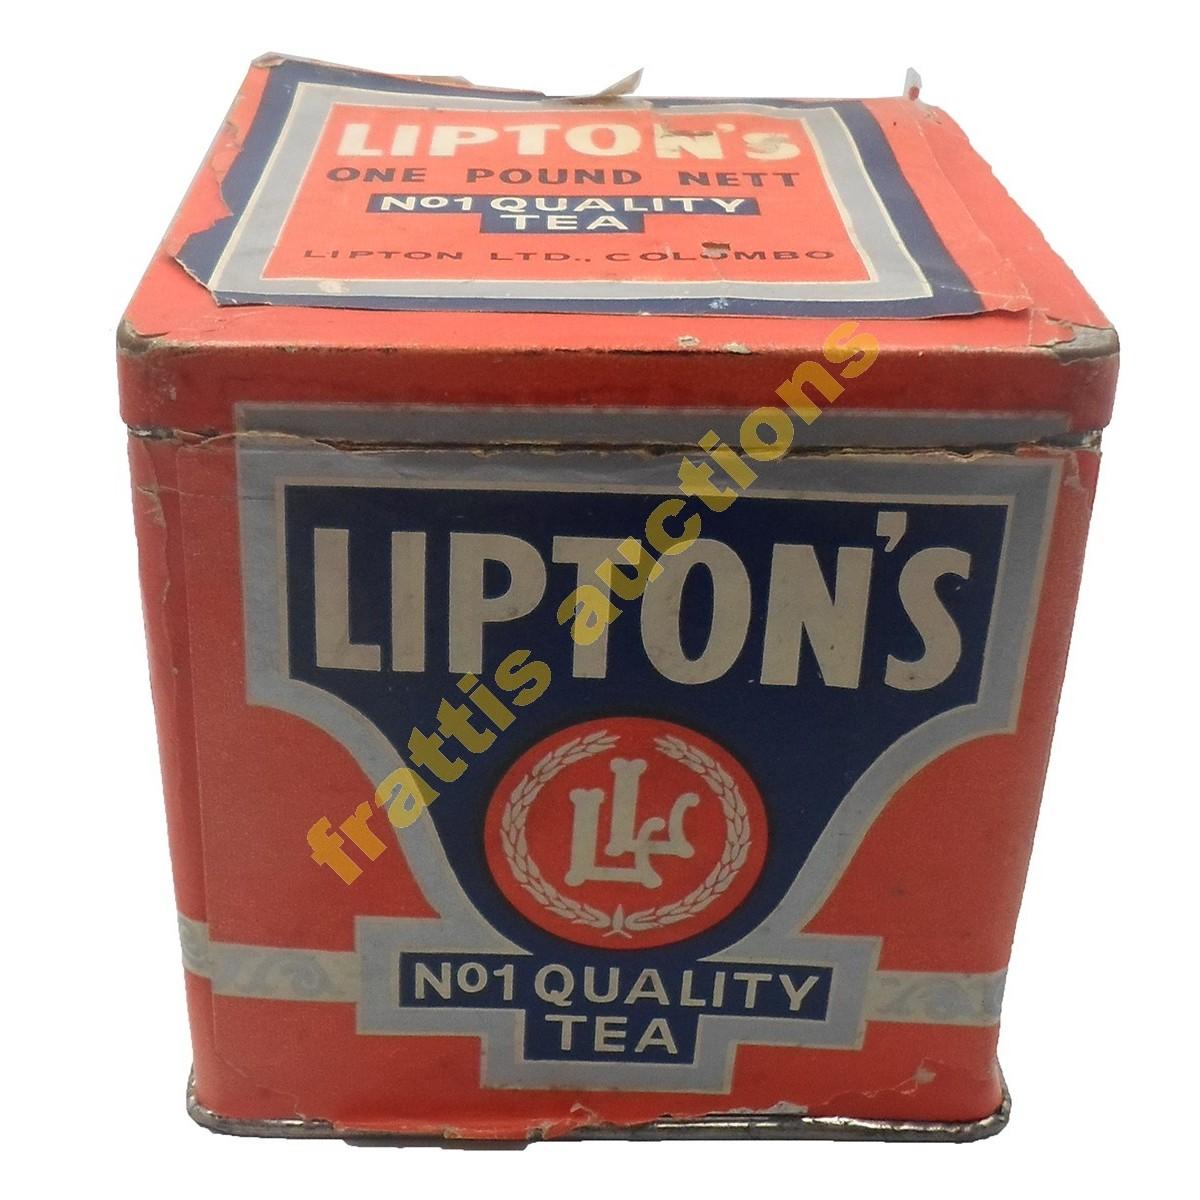 Lipton's, μεταλλικό κουτί.